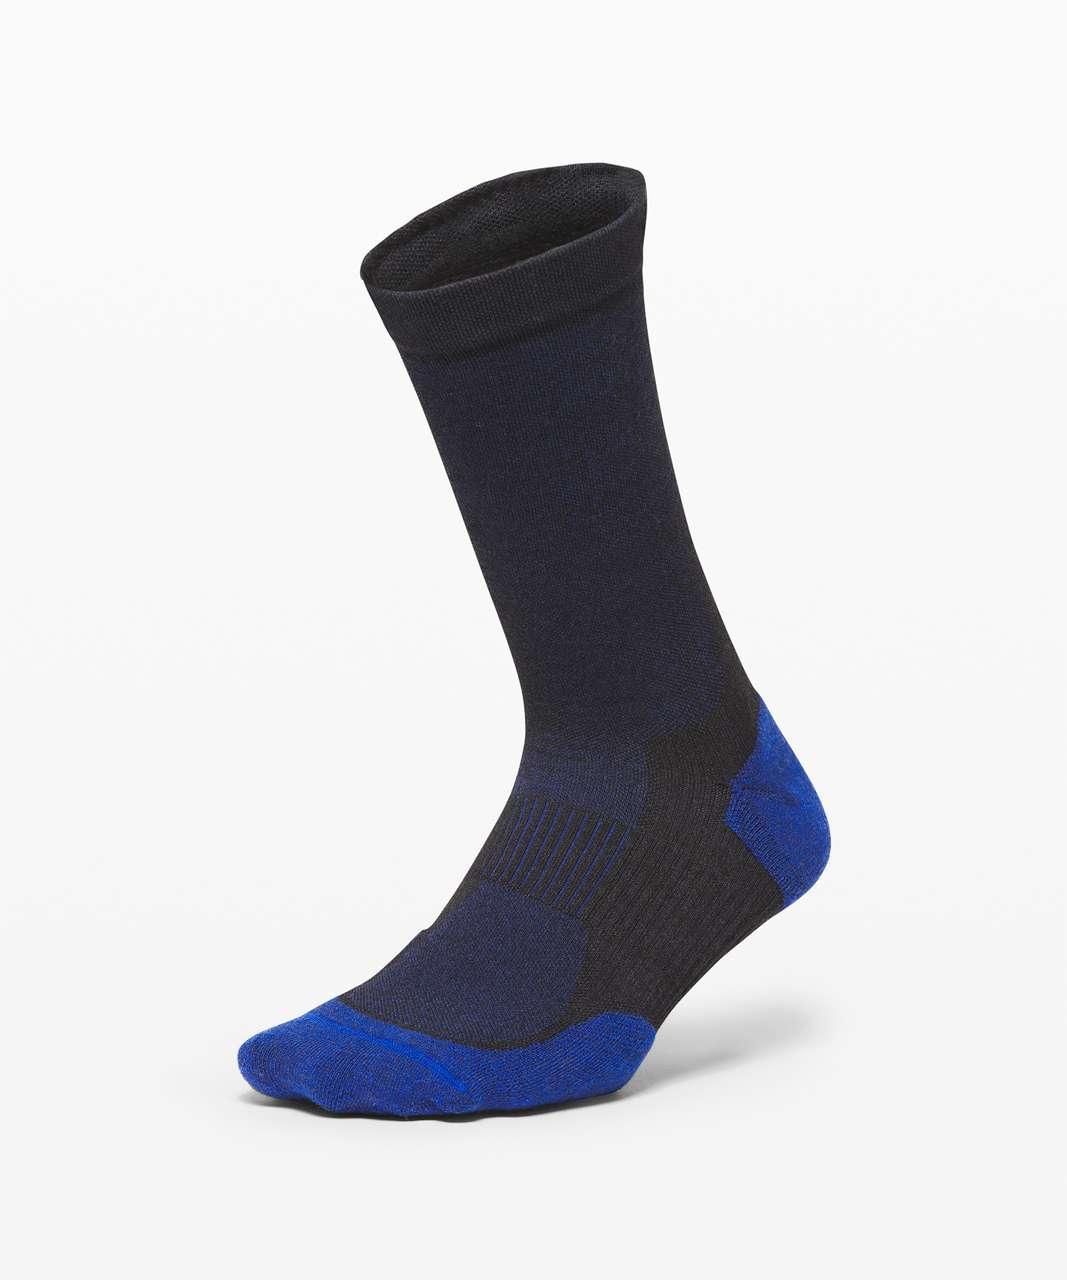 Lululemon Coast to Roam Crew Sock *Wool - Larkspur / Black